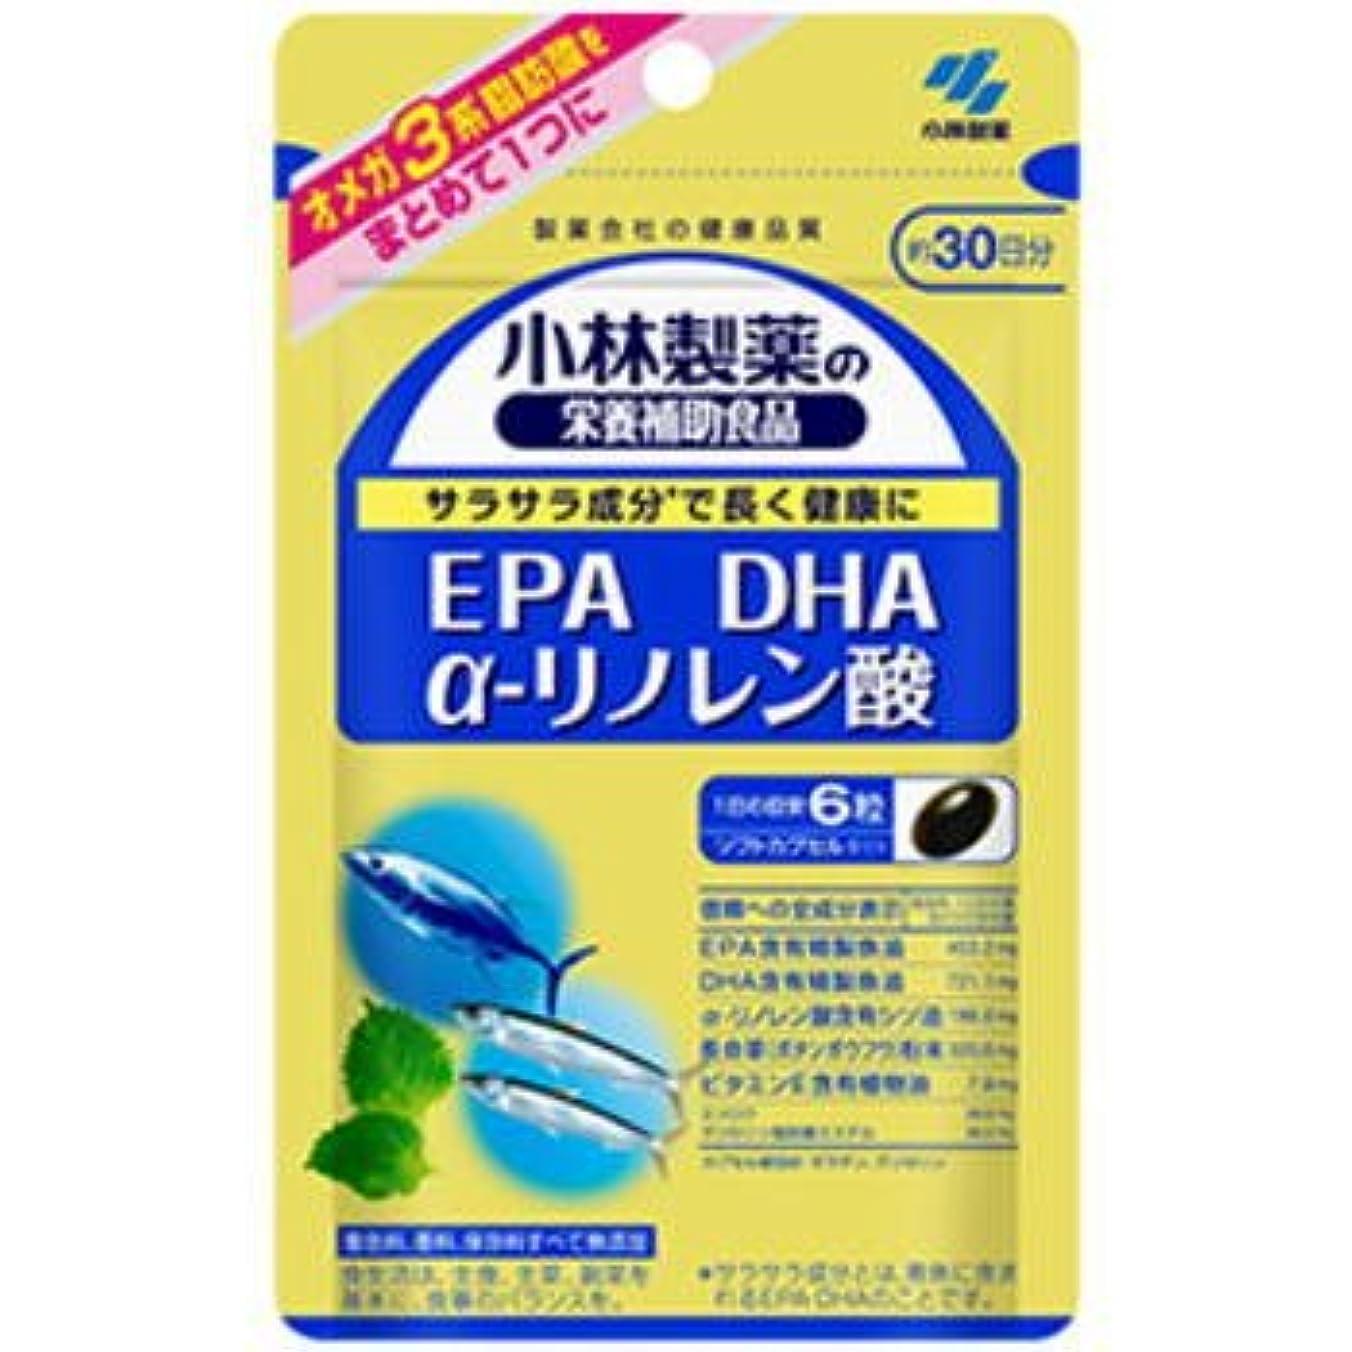 場所苦痛口述する小林製薬 EPA DHA α-リノレン酸 180粒×3個セット【ネコポス発送】